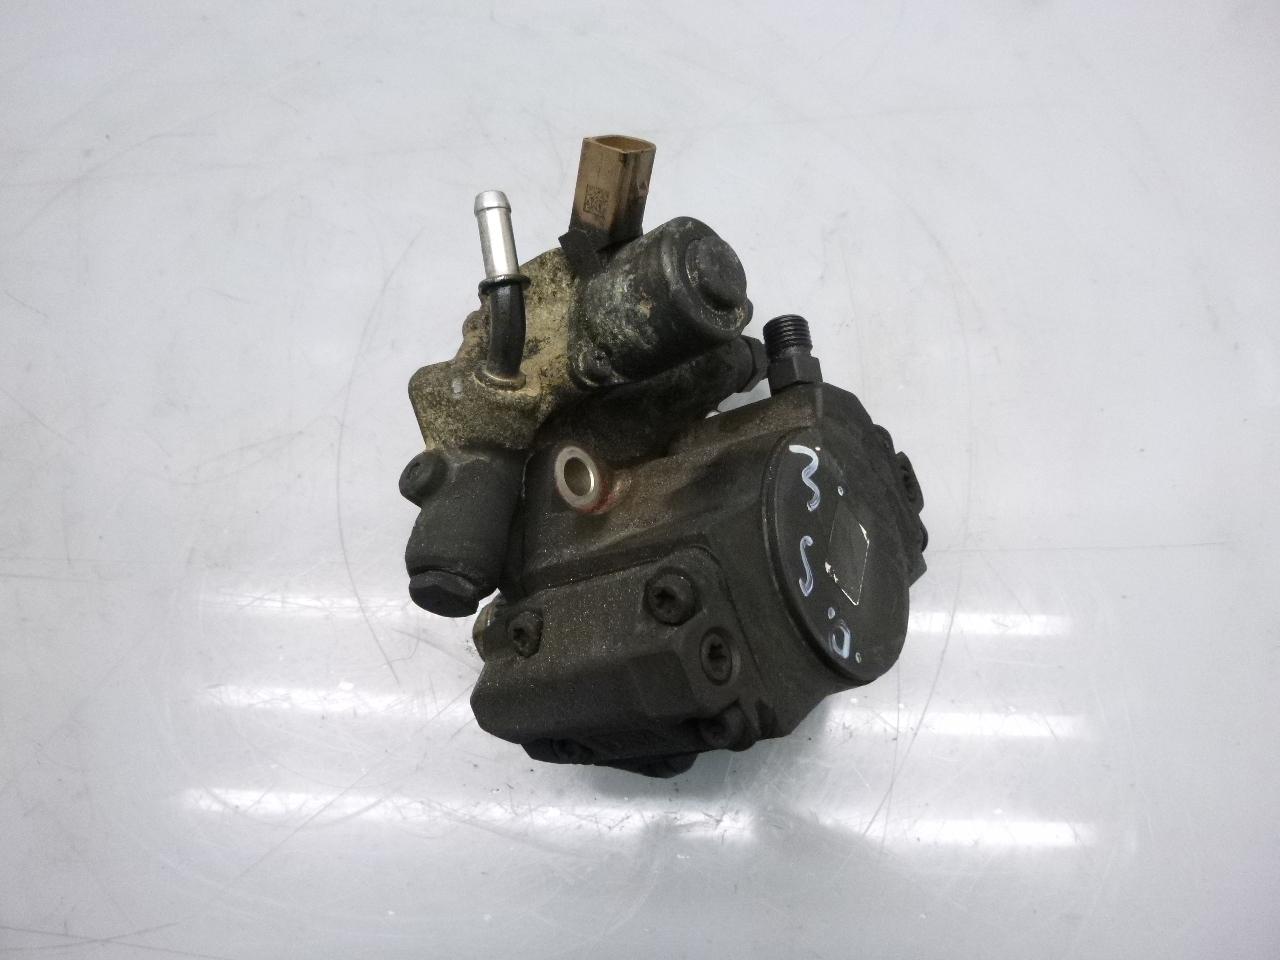 Hochdruckpumpe Defekt Mercedes Benz A 220 CLA 2,2 CDI 651.930 Brandschaden